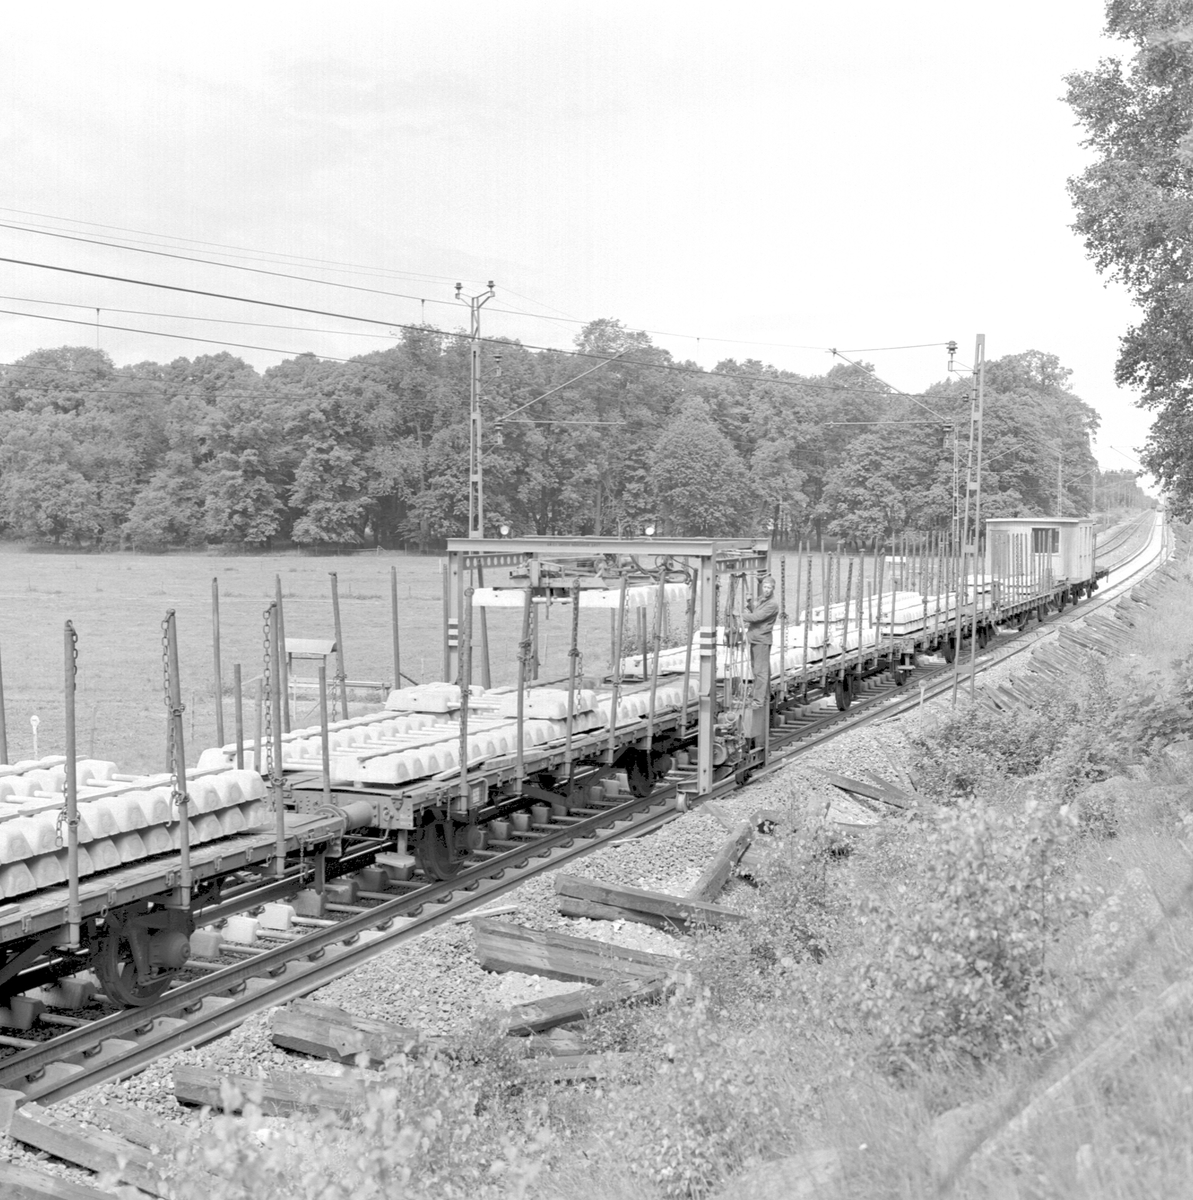 Spårrevision. Räls och slipersbyte (betongslipers). Linjen Rotebro, R - Zlpv. Uttransport av färdigt spårspann